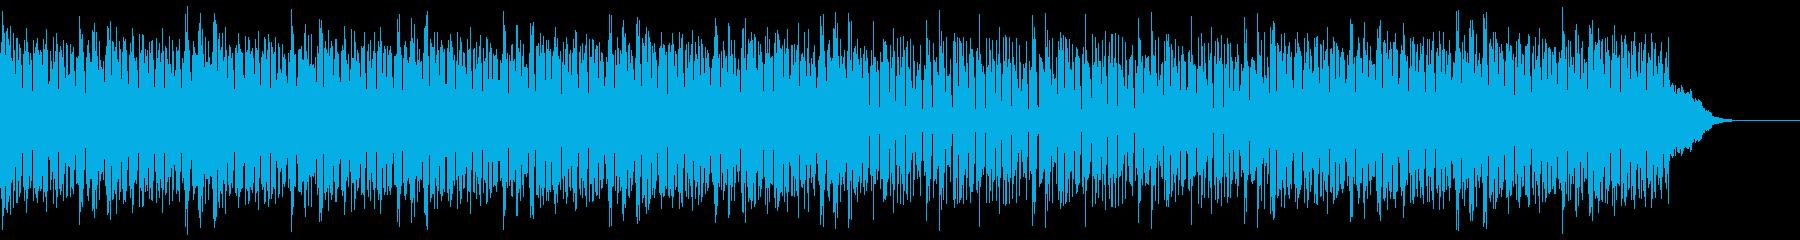 サイバーでダンサブルな曲の再生済みの波形